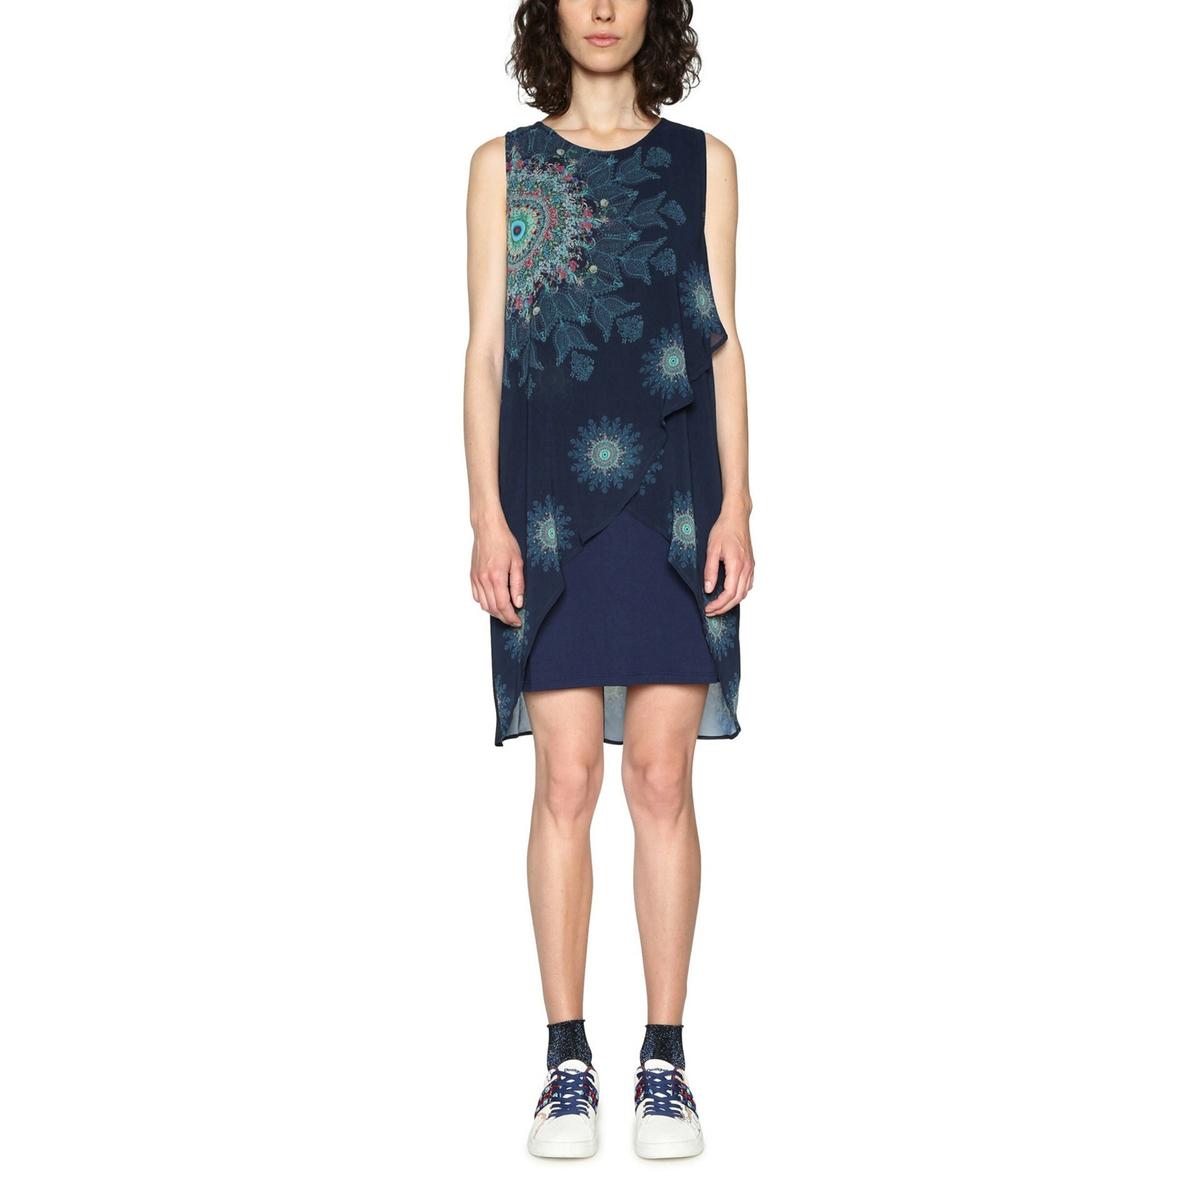 Платье короткое прямое с графическим рисунком, без рукавов салфетки duni комплект 3 упаковки по 20шт салфетки бумажные 3 слойные ваниль